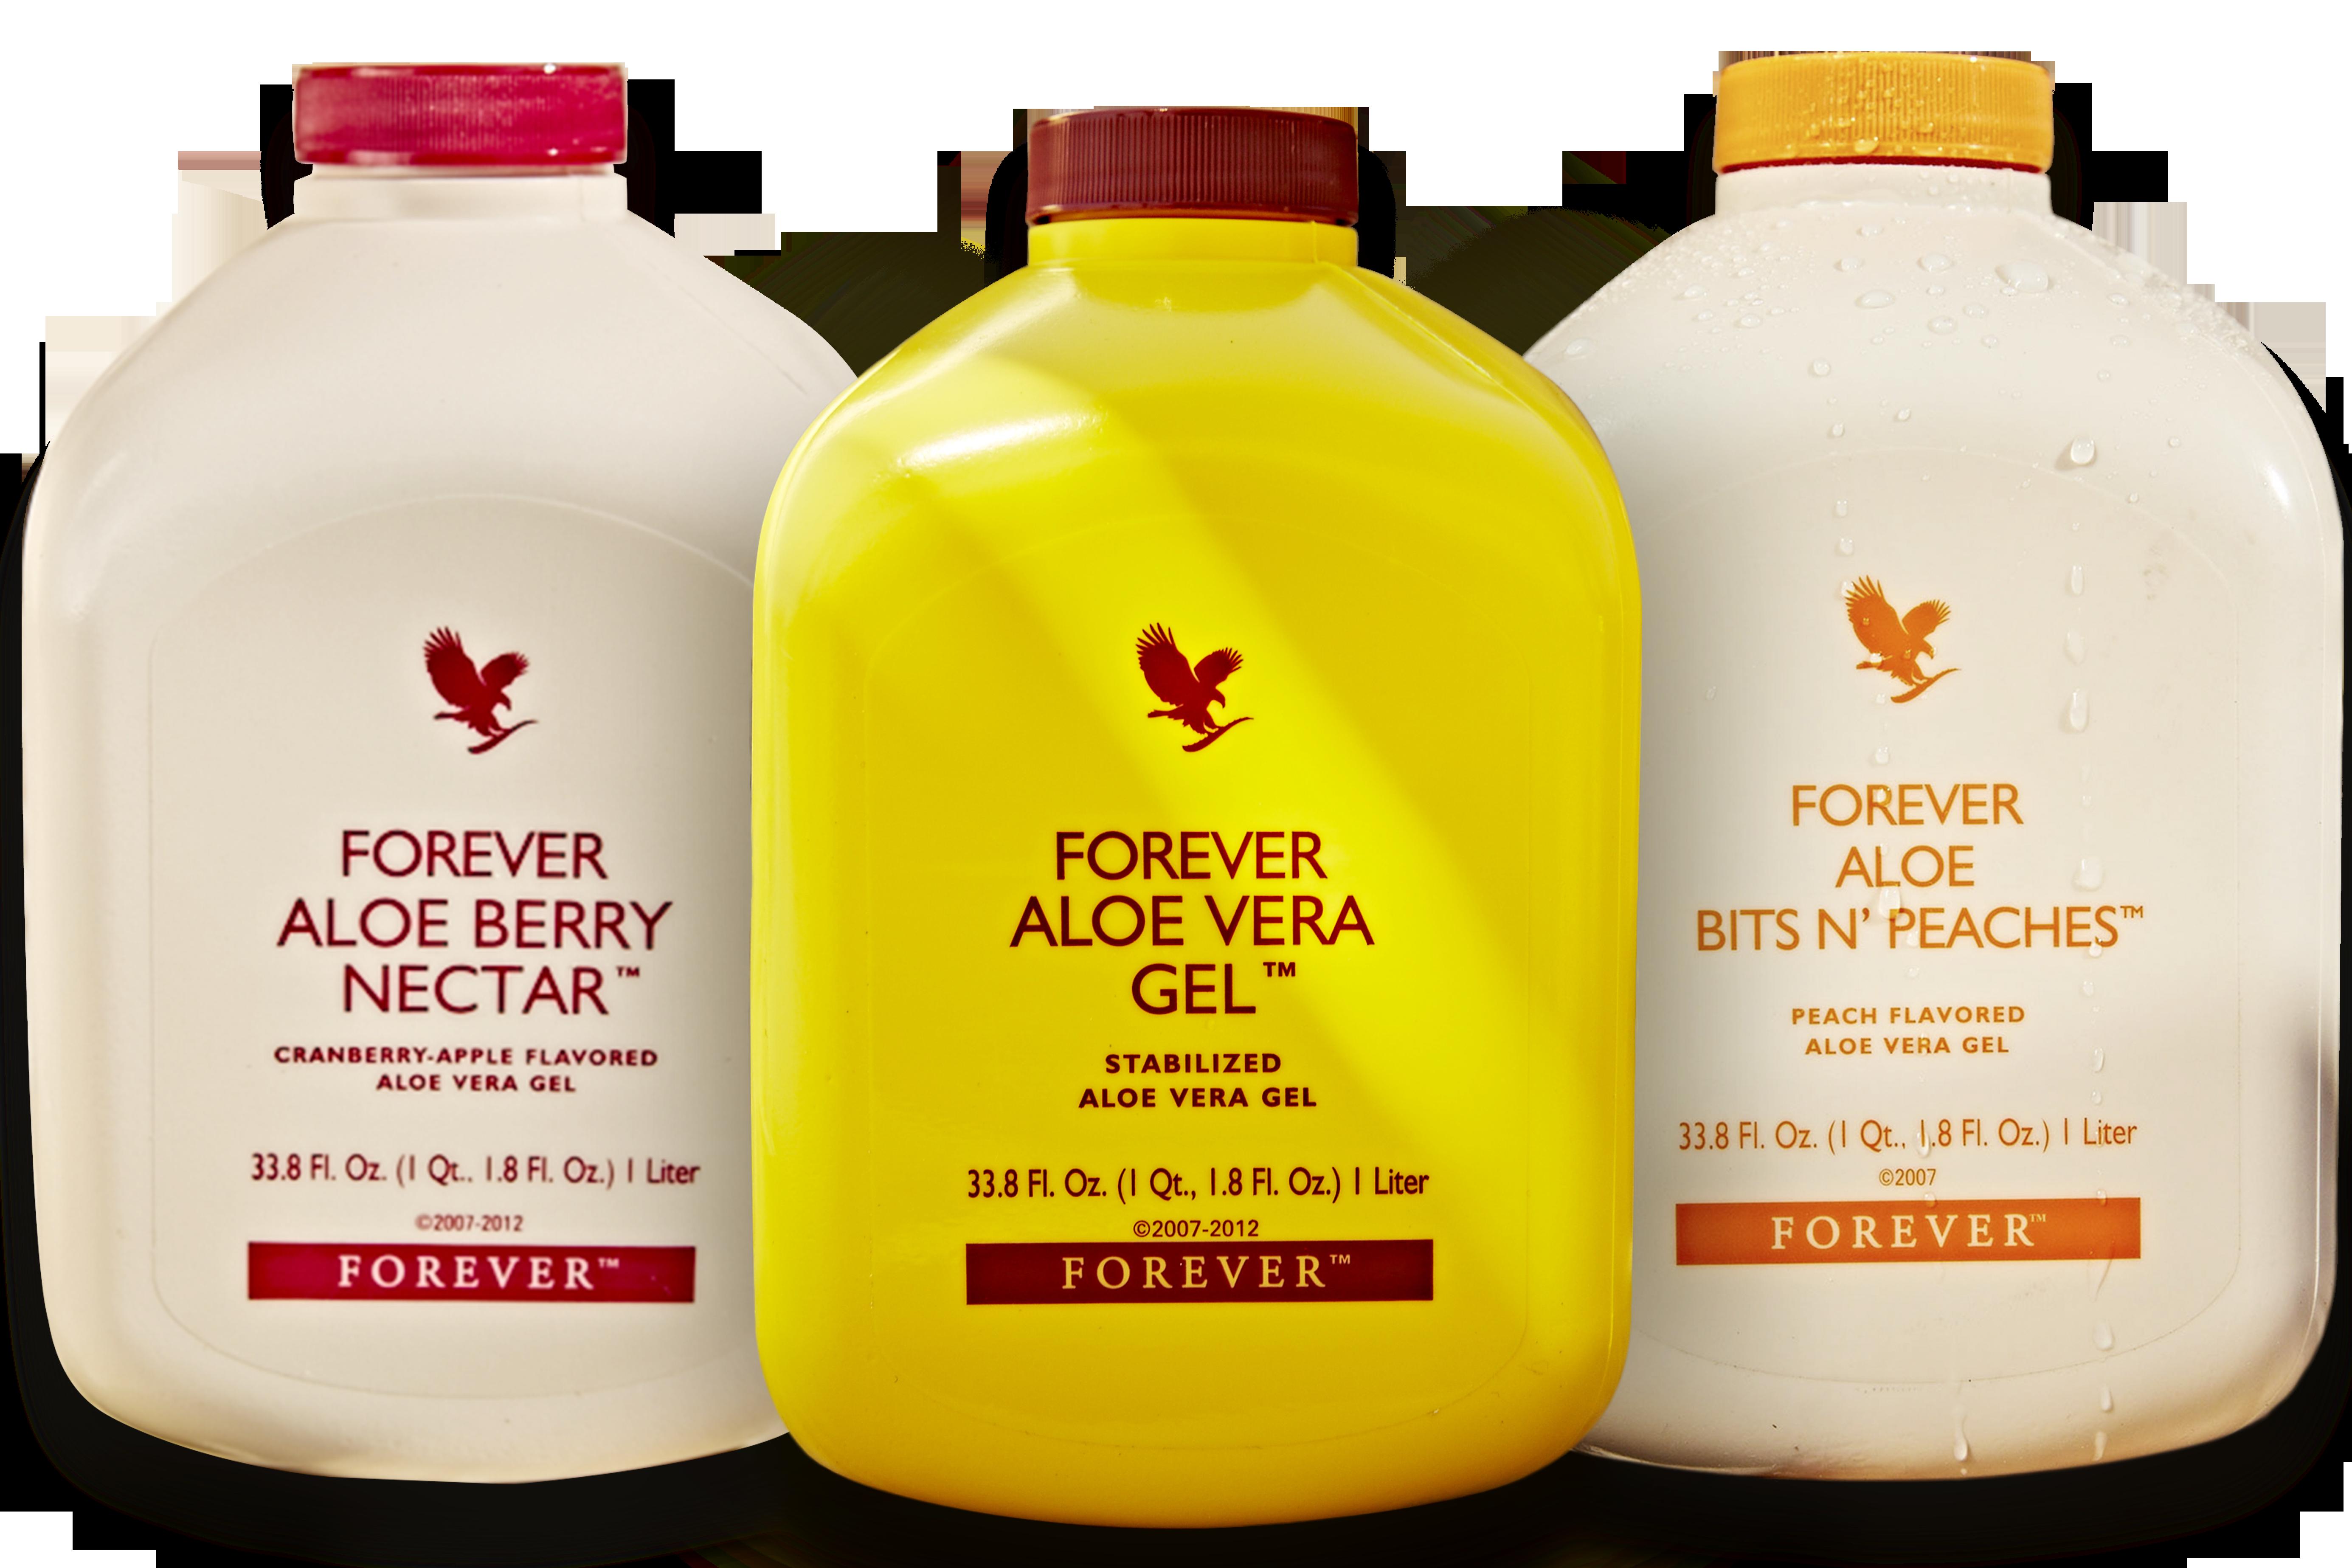 Productos De Aloe Vera Forever Living Beneficios Del Gel Puro De Aloe Vera Forever Aloe Gel Aloe Vera Benefits Forever Aloe